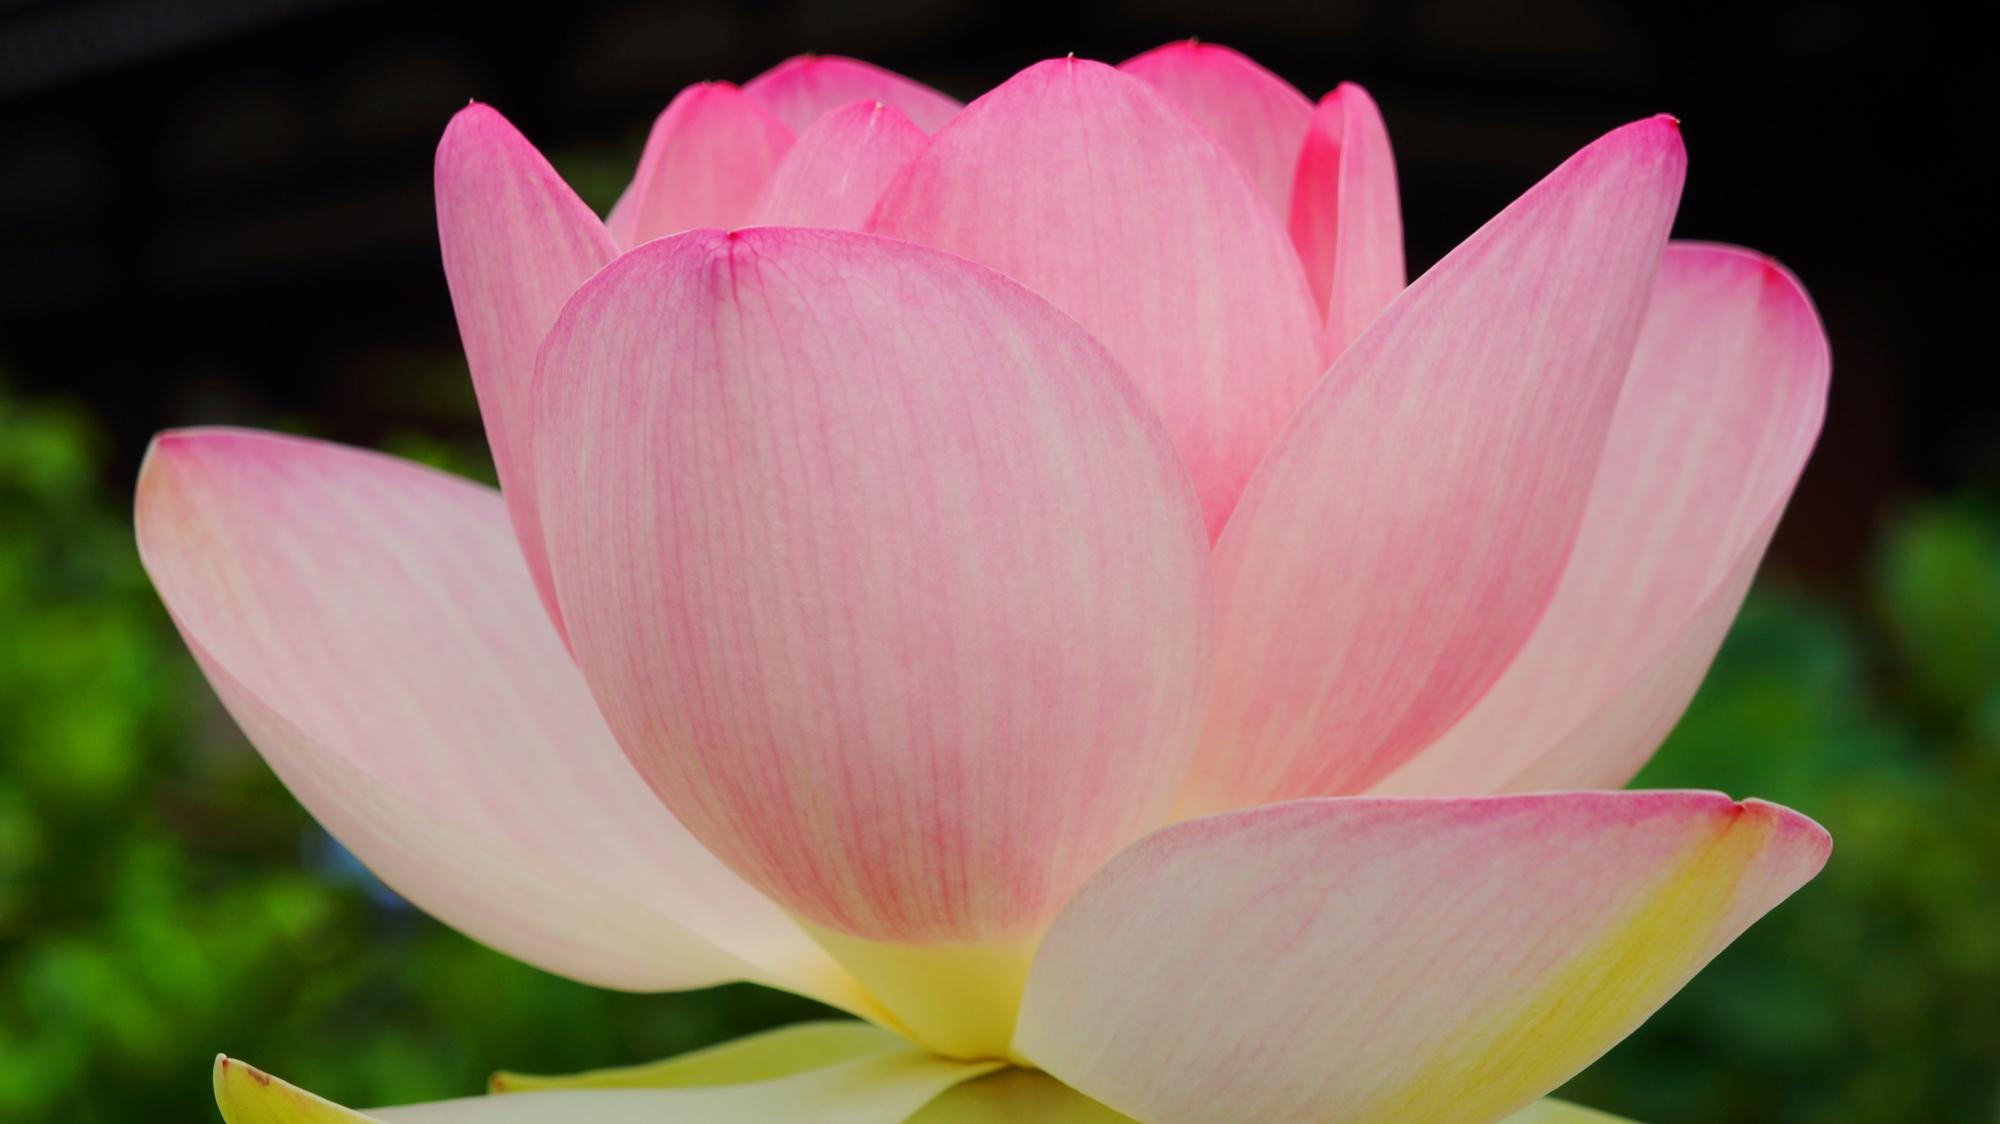 法金剛院の絶妙な色合いの淡いピンクの蓮の花